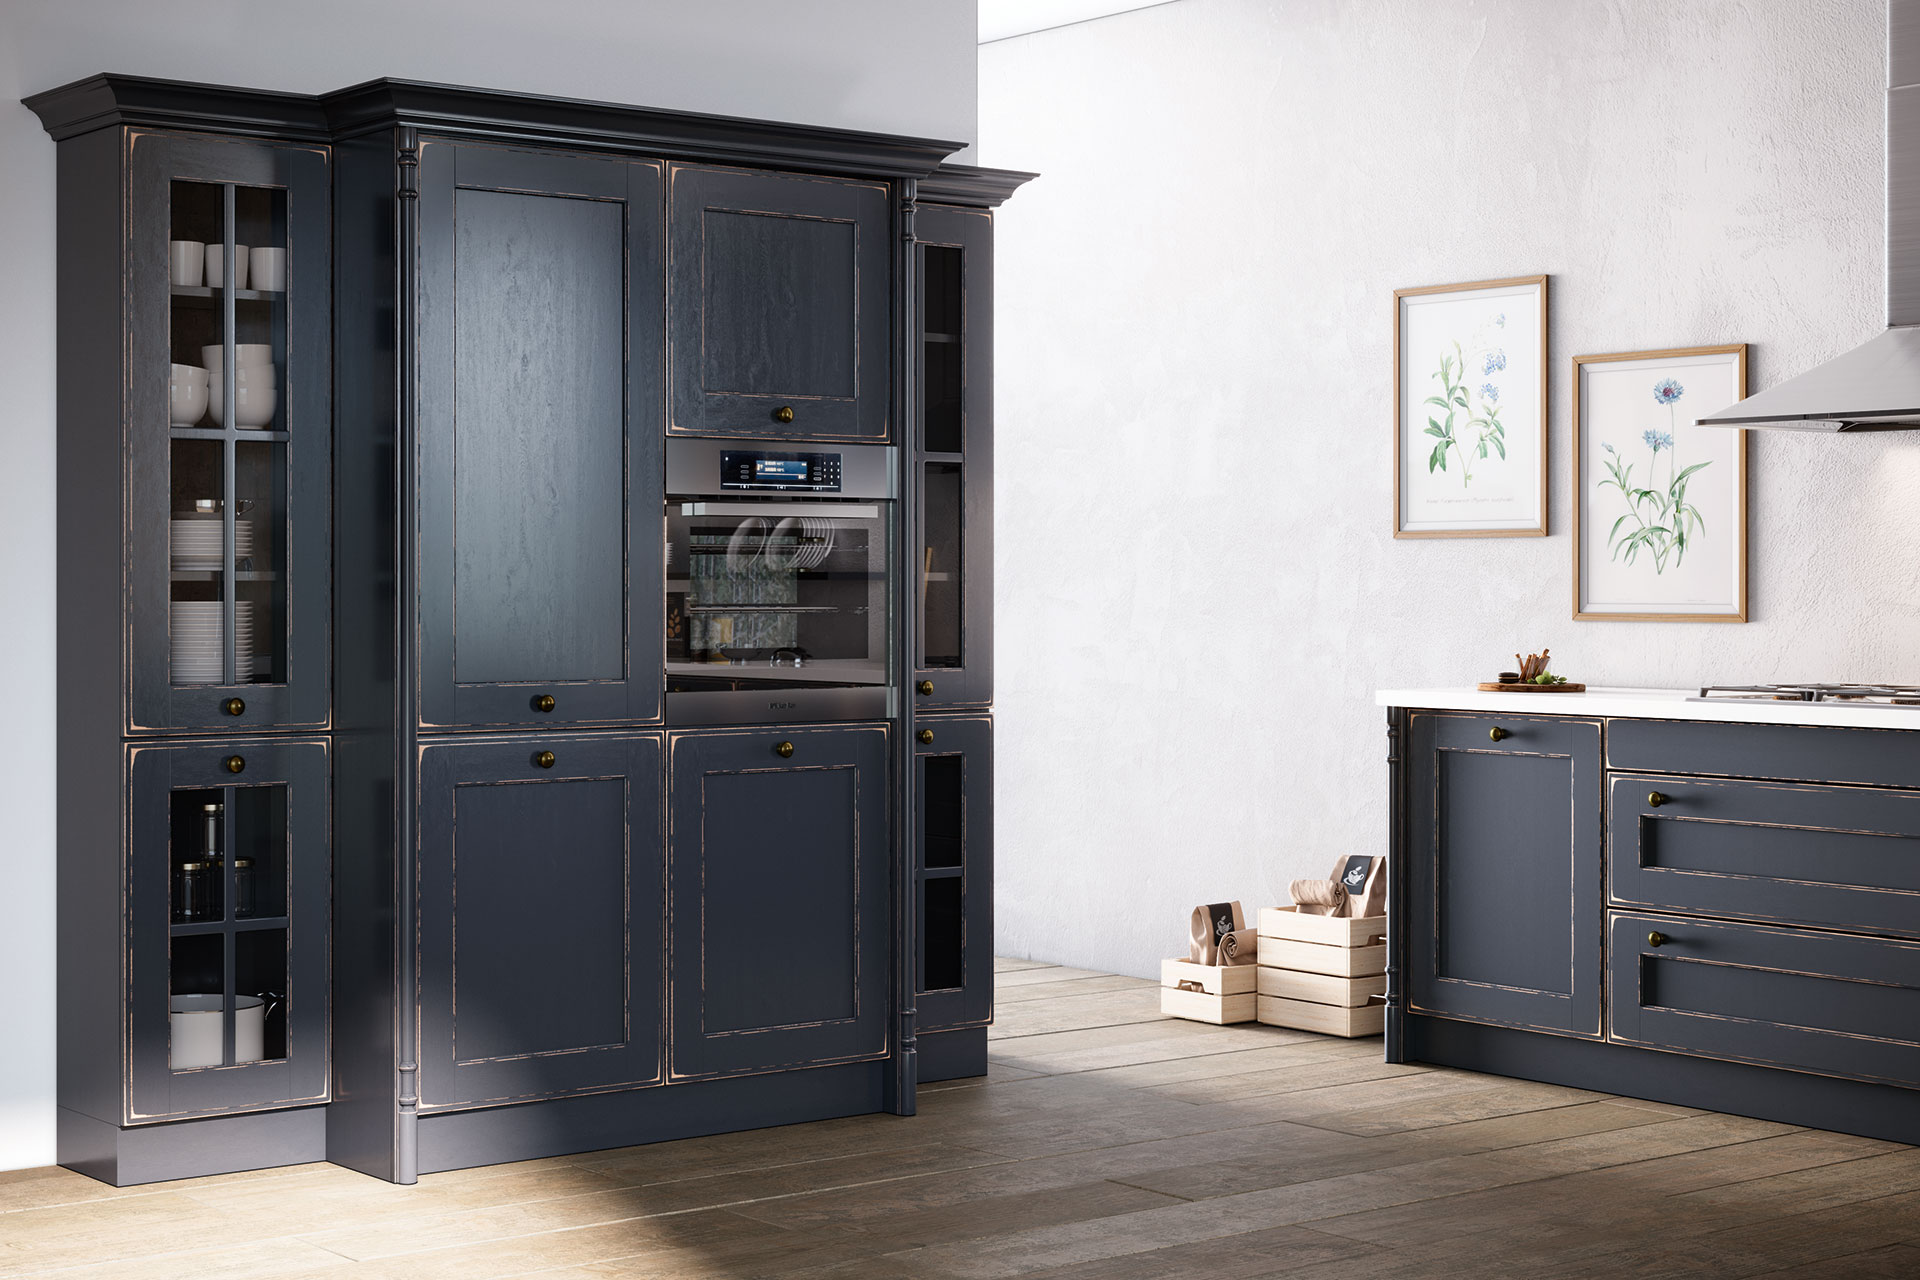 Modell OLDHAM in Night Grey, Detail Hochschrank, Oster Küche